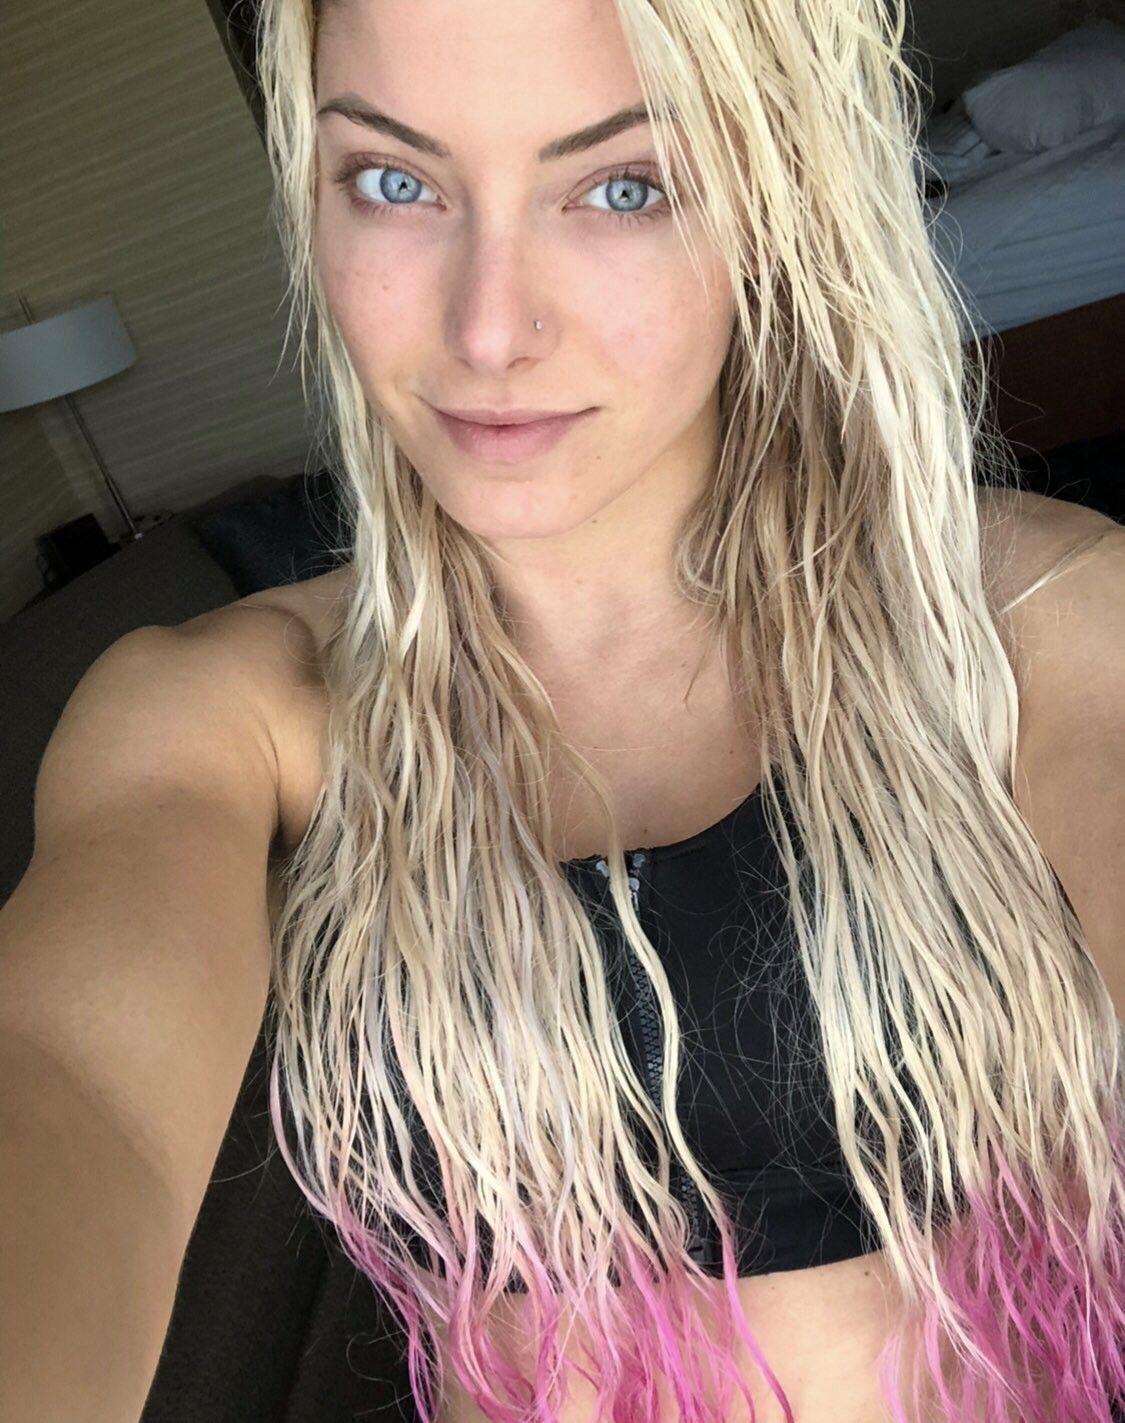 Alexa Bliss | Lexi kaufman, Alexa, Wwe